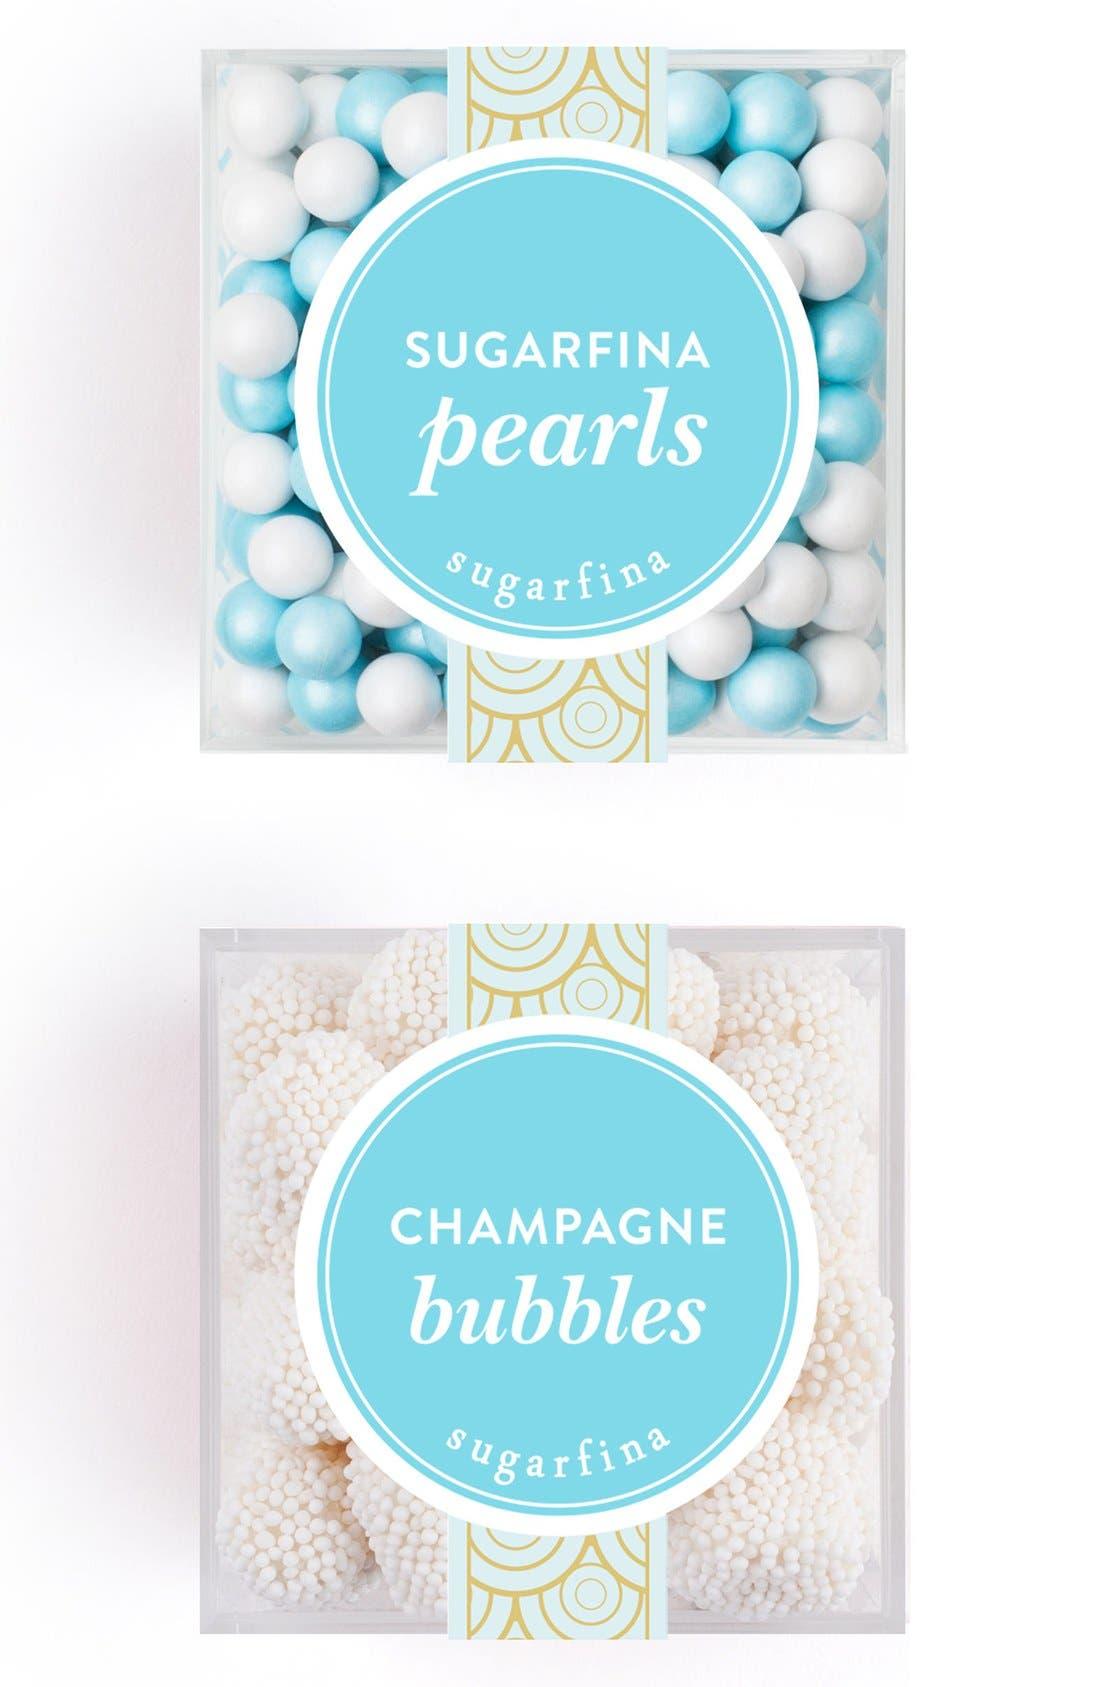 SUGARFINA, Pearls & Champagne Bubbles Gift Box Set, Main thumbnail 1, color, 400